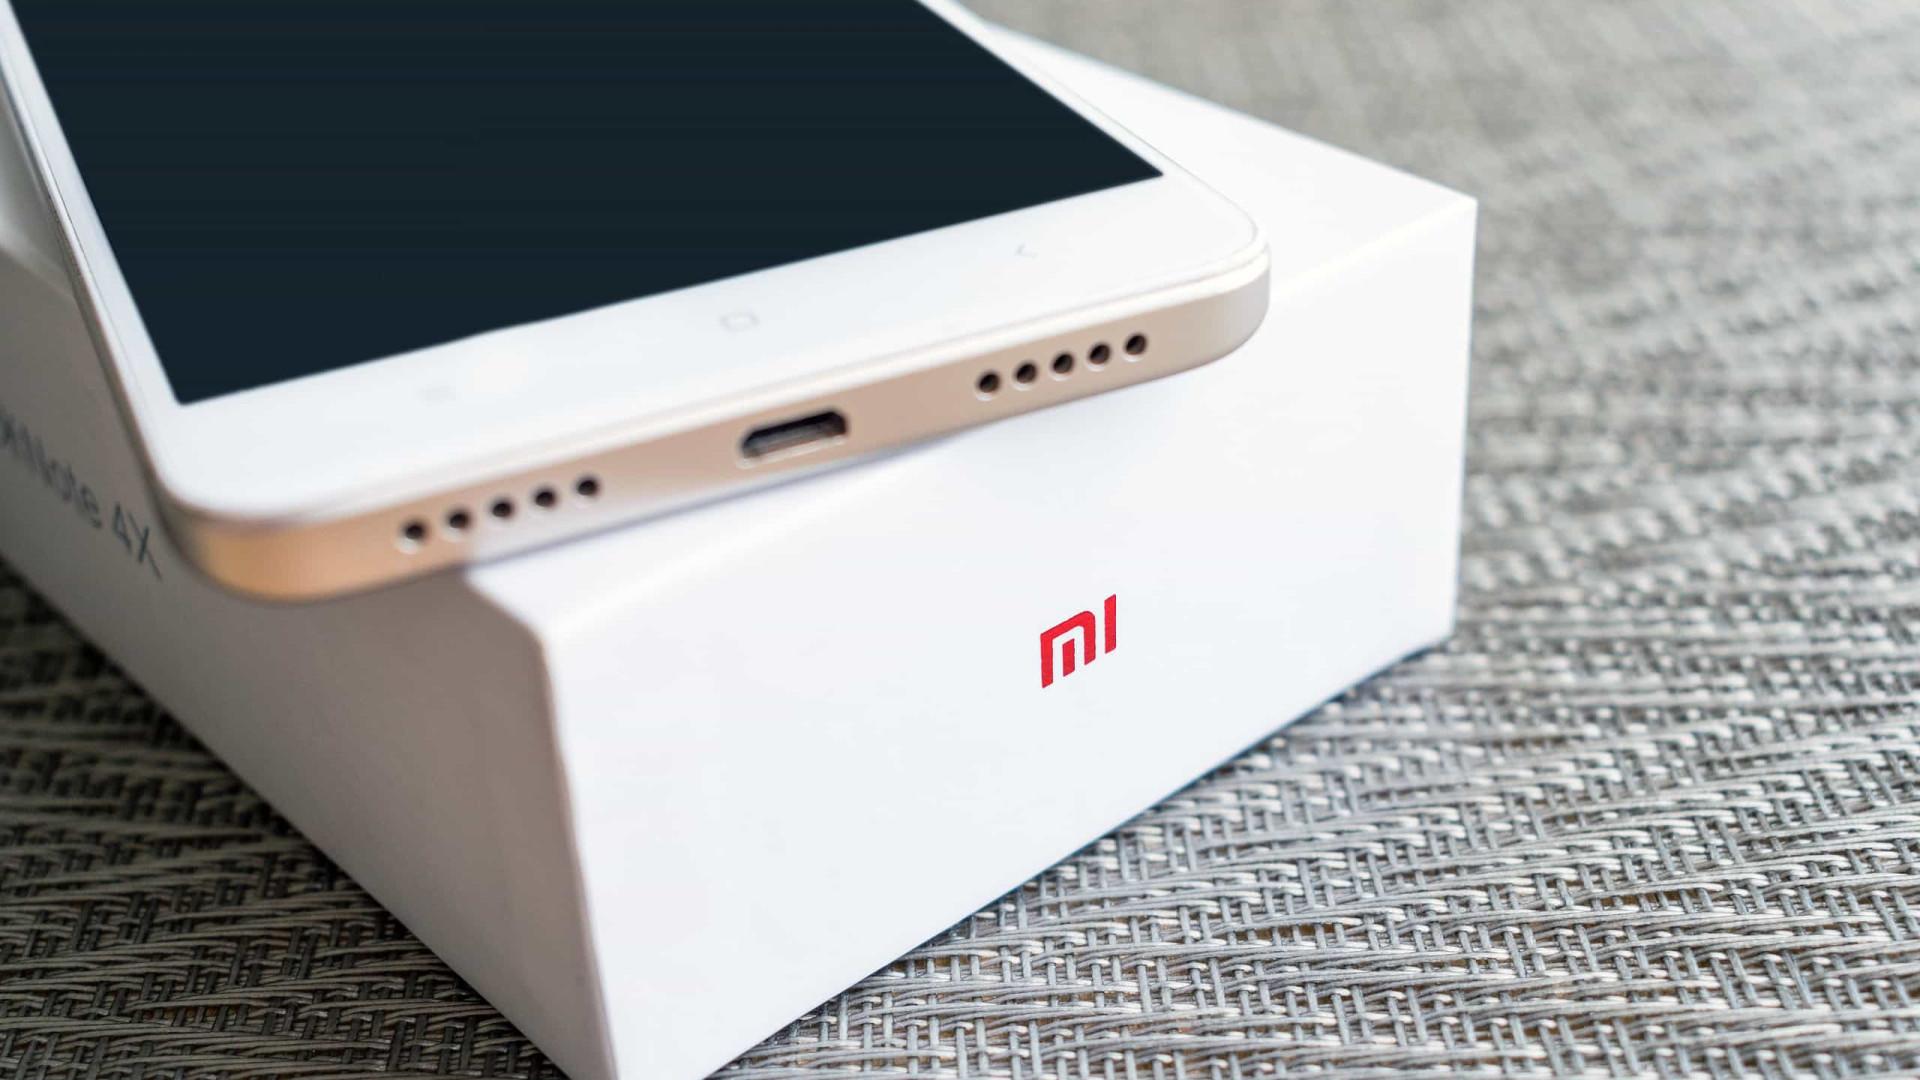 Relatório indica que Xiaomi ultrapassou Apple no terceiro trimestre